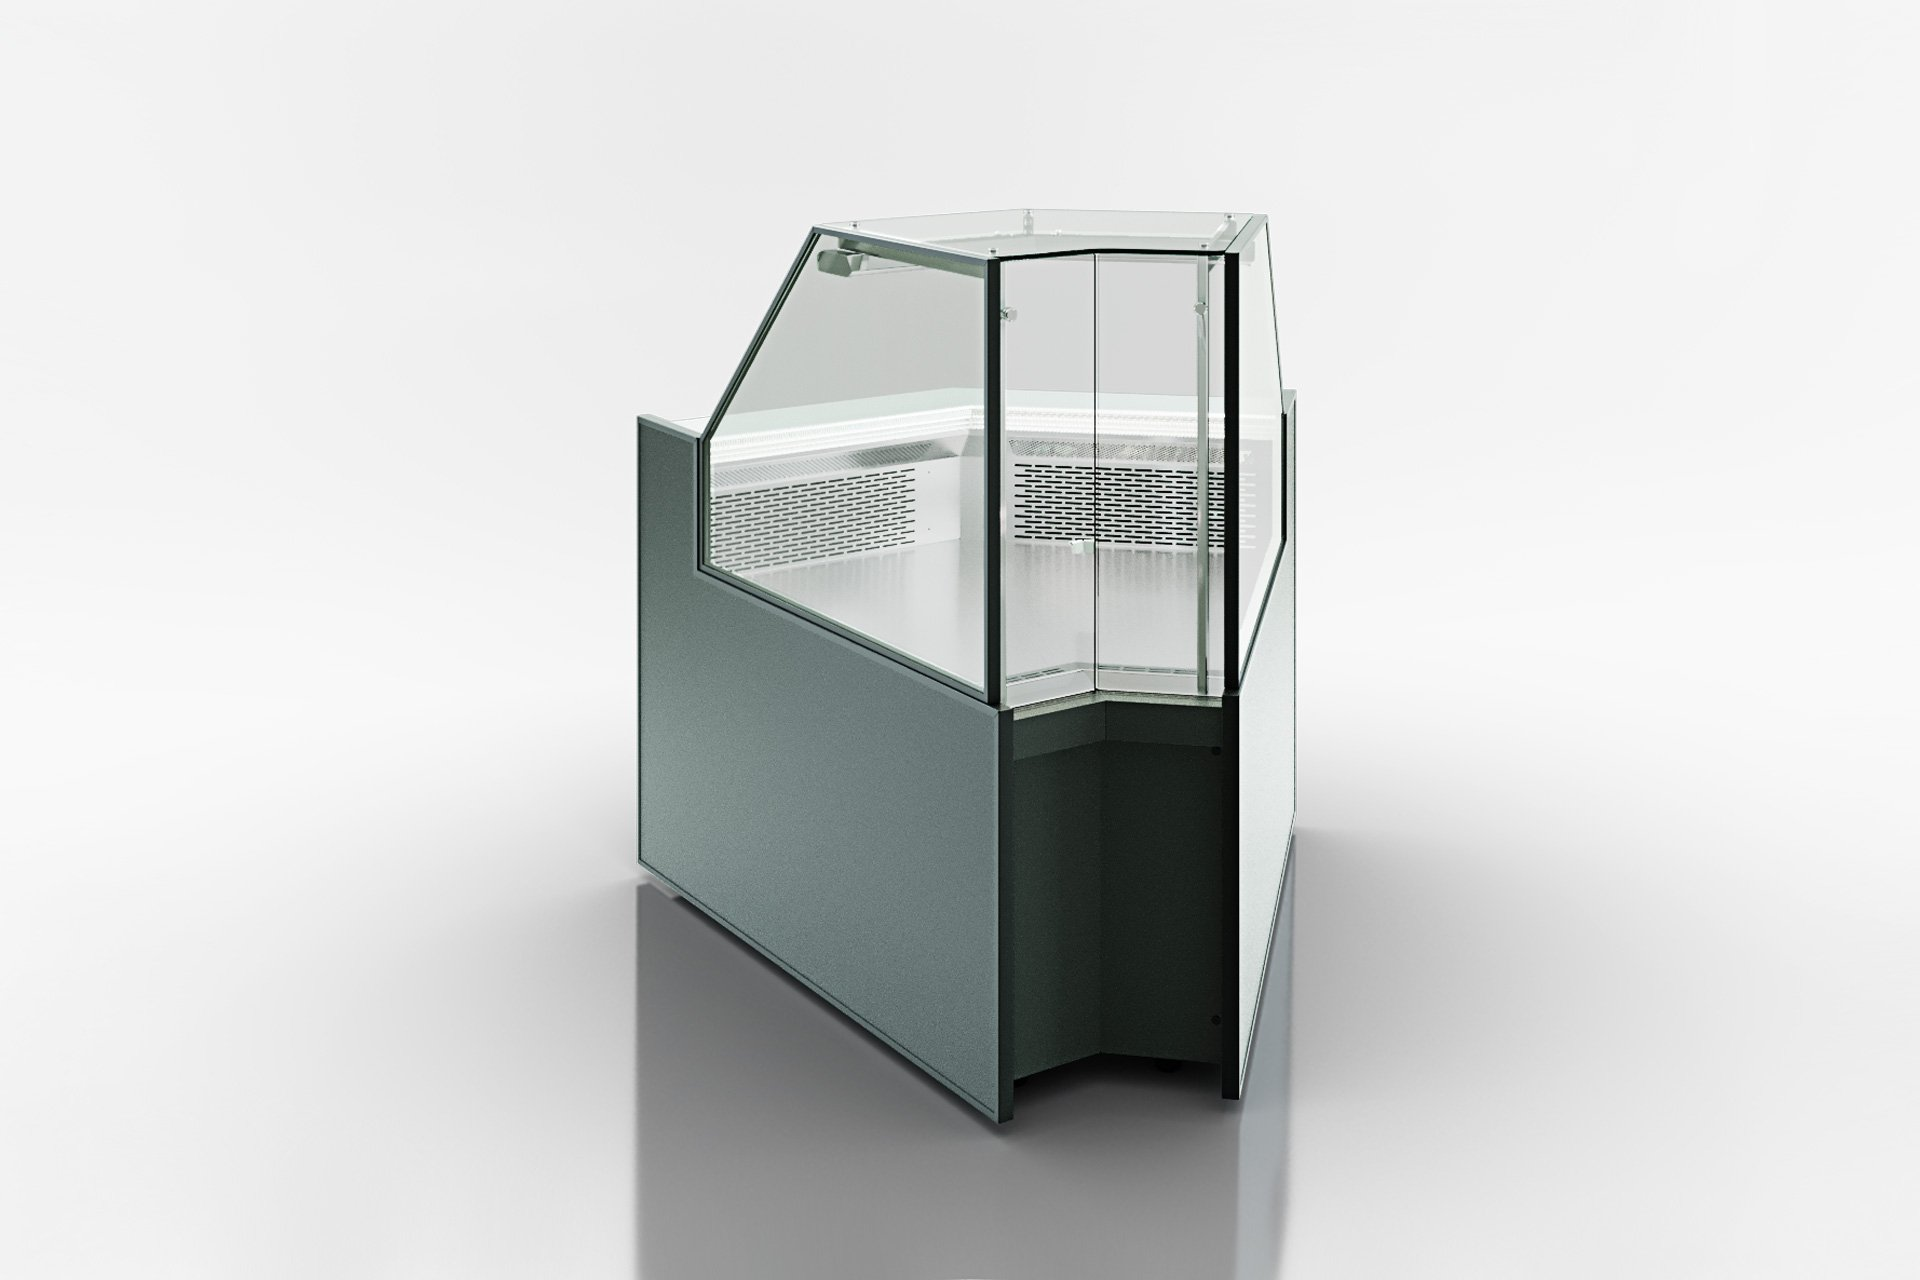 Eckelemente der Kühlfenstern Missouri MC 120 deli PP 130-DLM-IS45